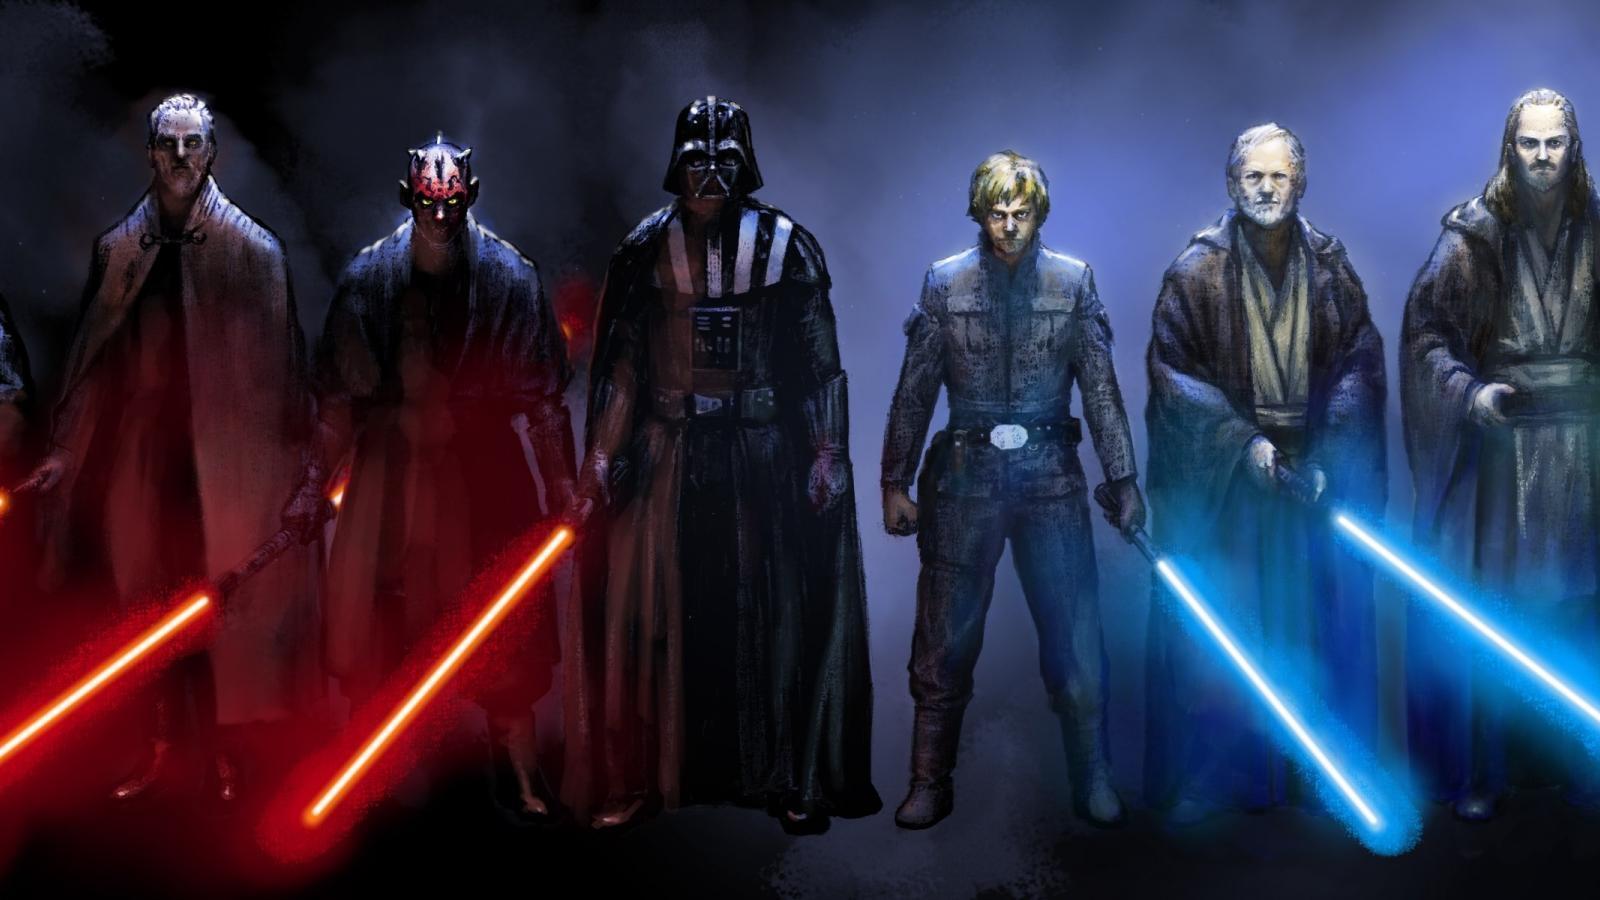 27507 - ¿Qué tipo de Jedi/Sith serías en el Universo Star Wars?